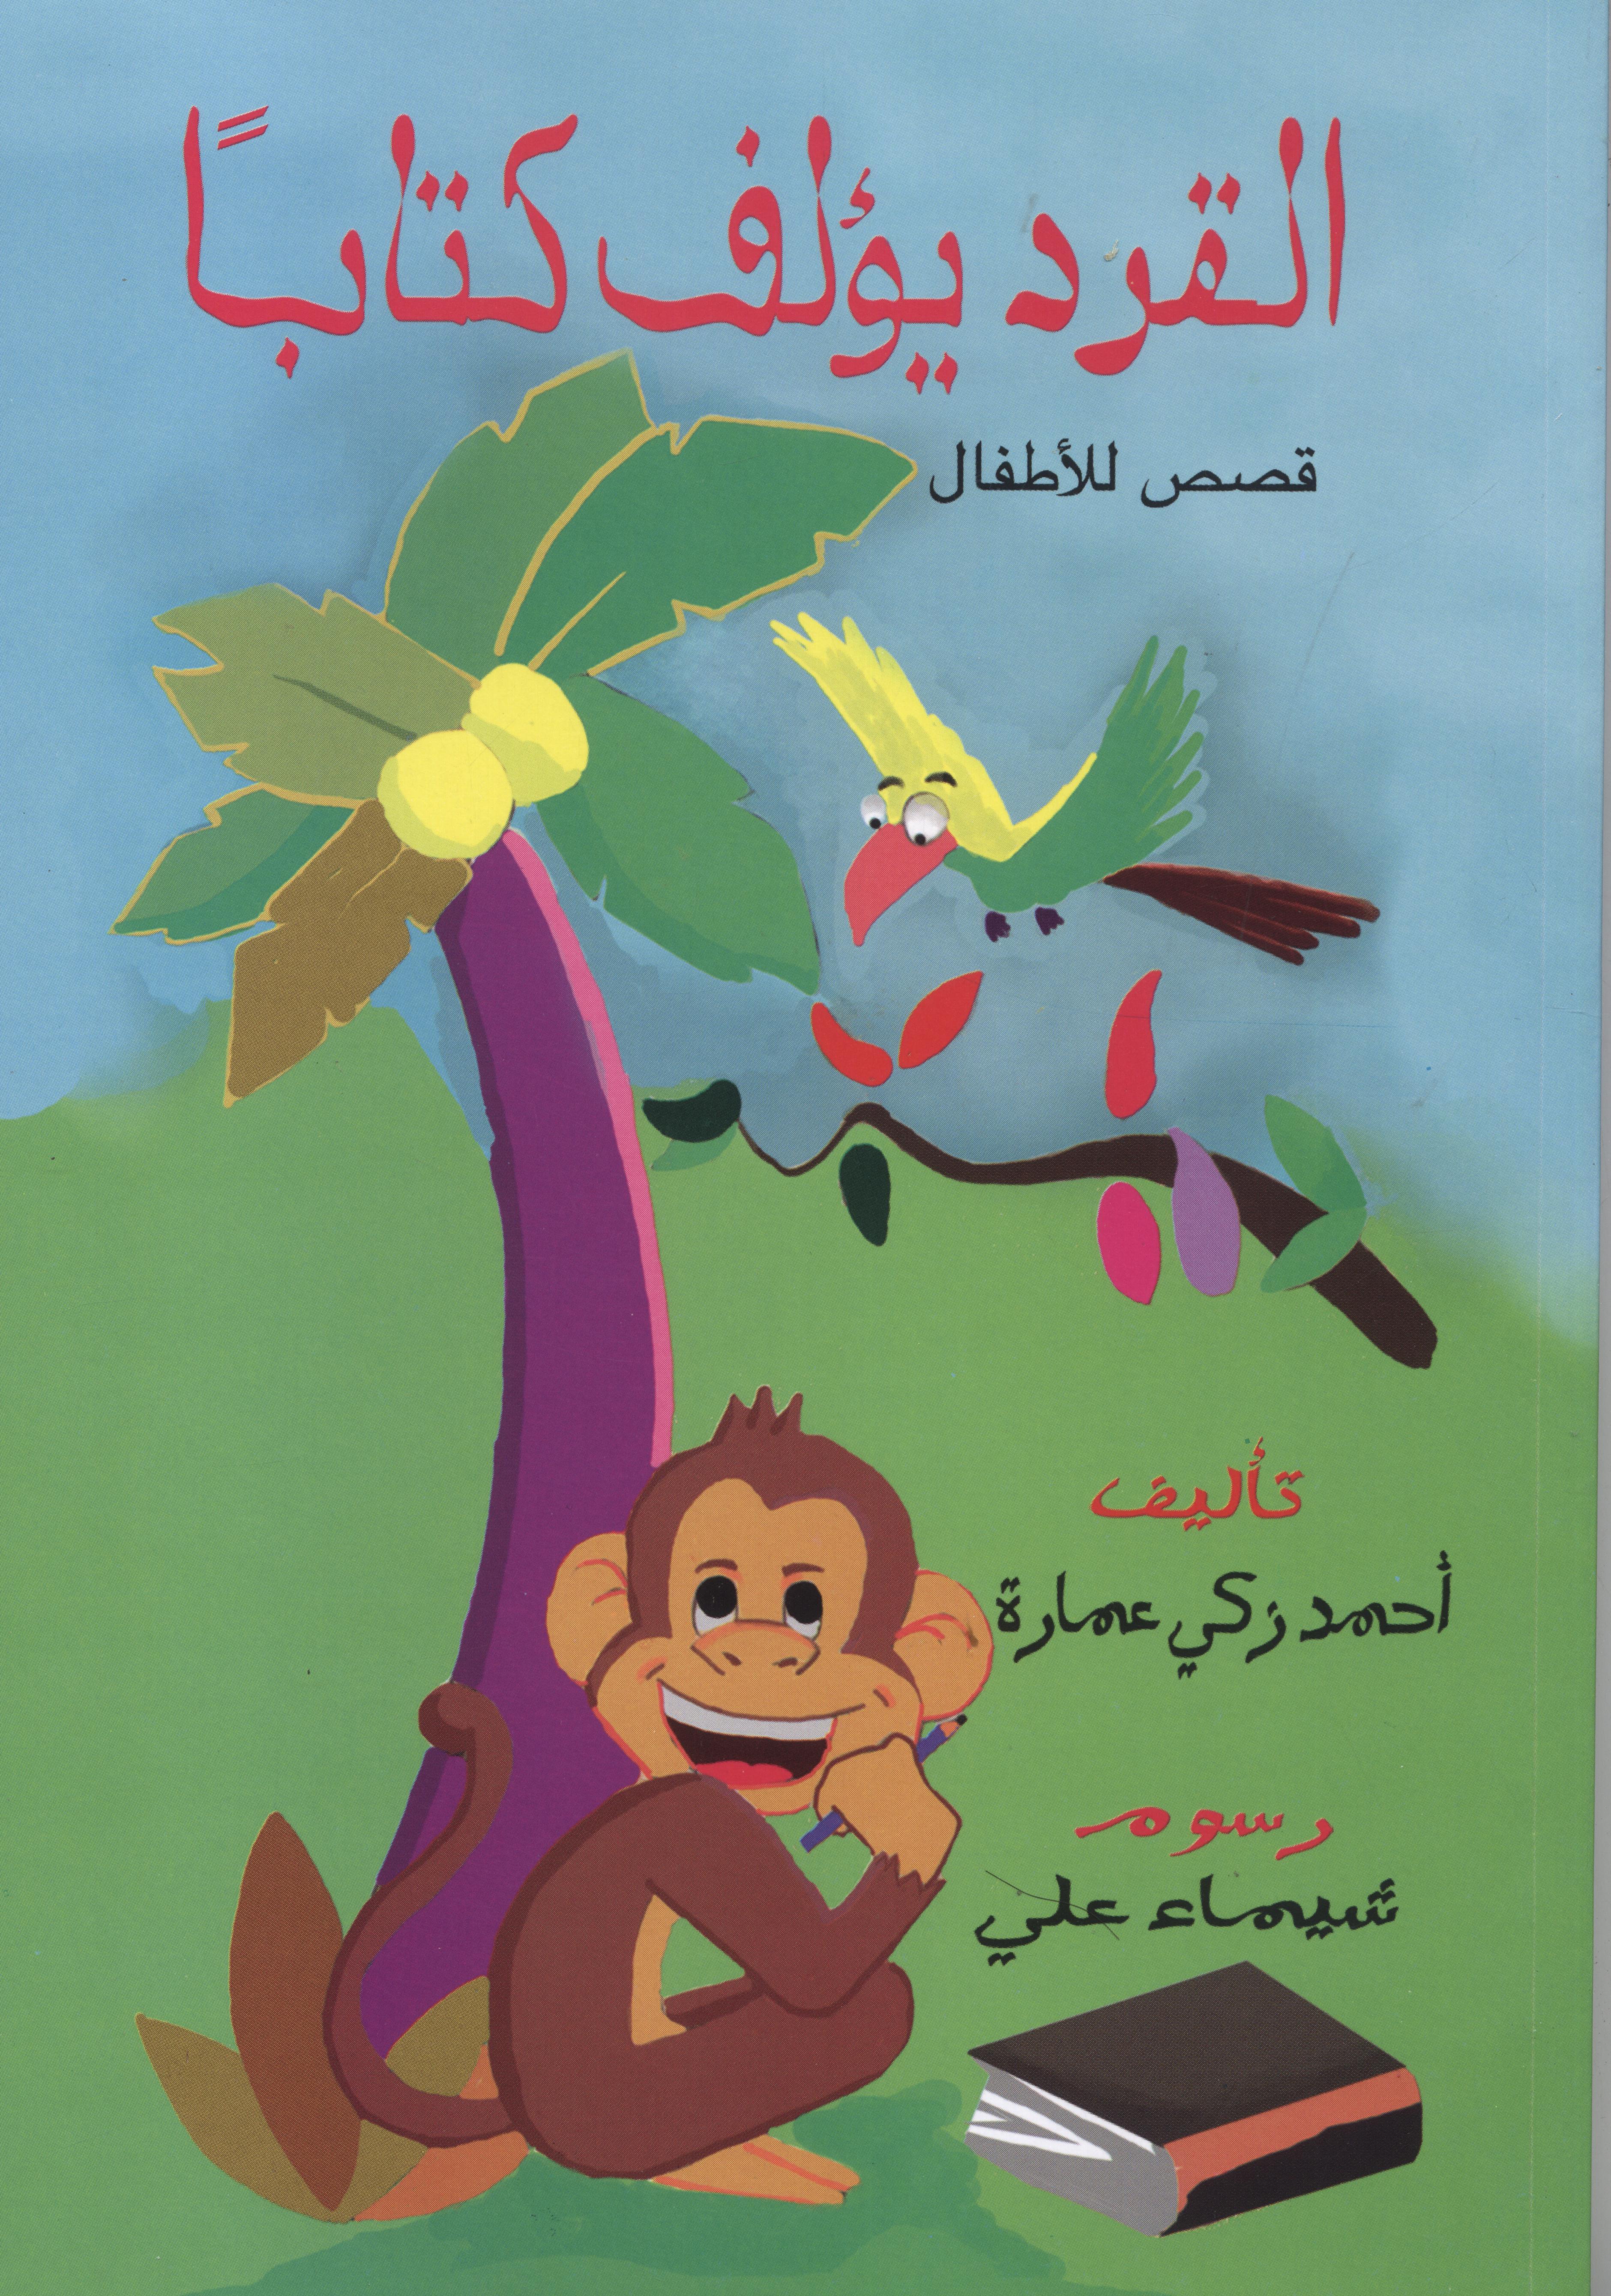 القرد يؤلف كتابًا 10